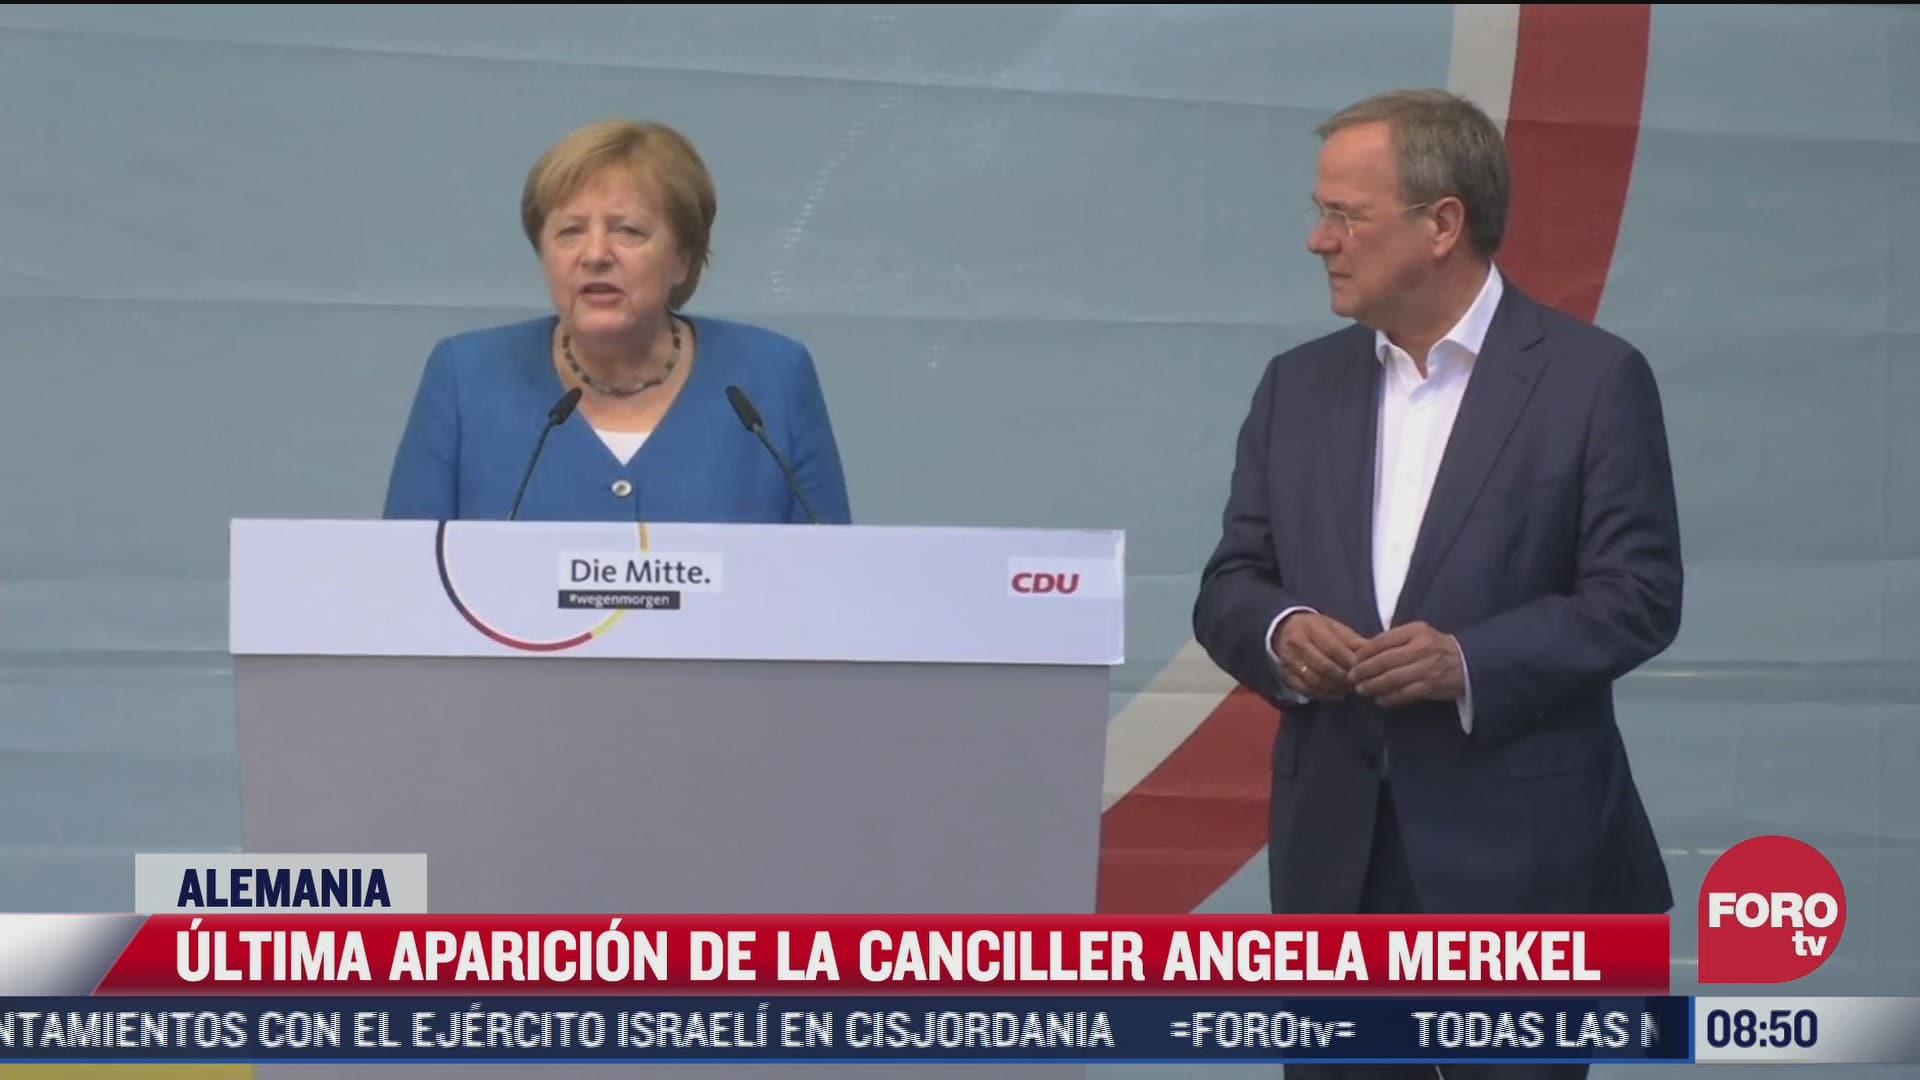 angela merkel realiza su ultima aparicion antes de las elecciones federales en alemania